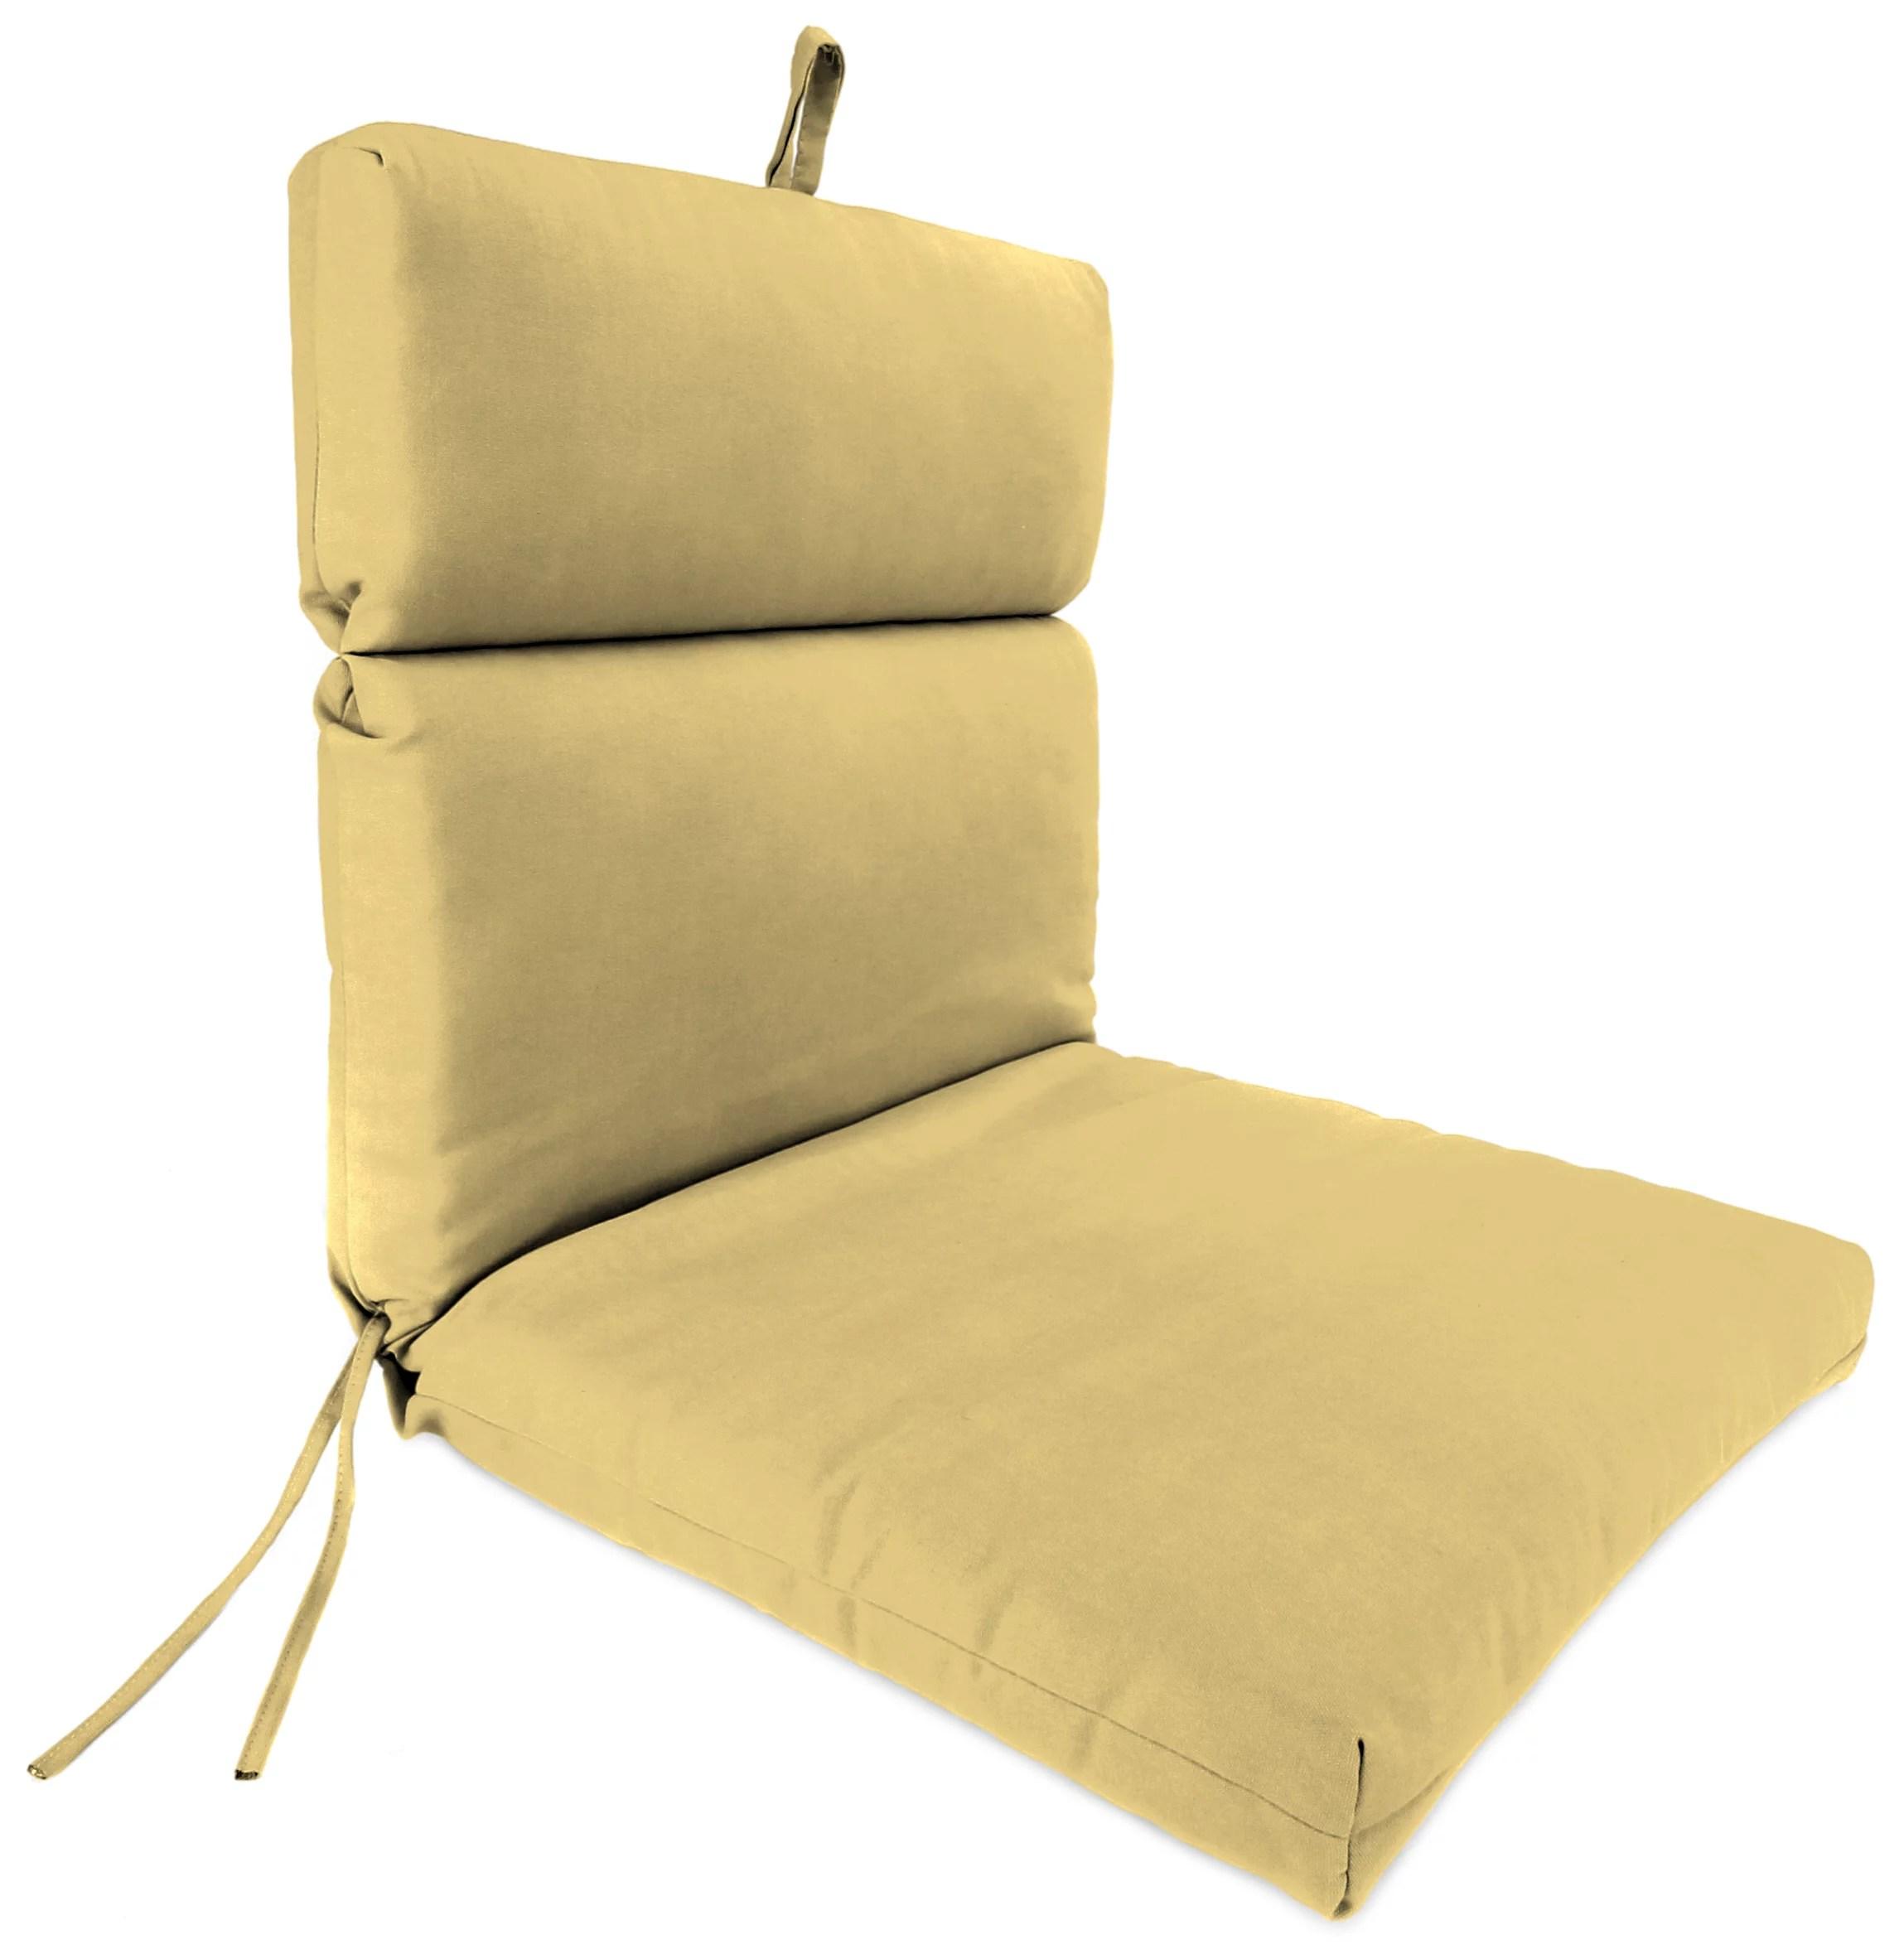 sunbrella outdoor 22 x 44 x 4 chair cushion